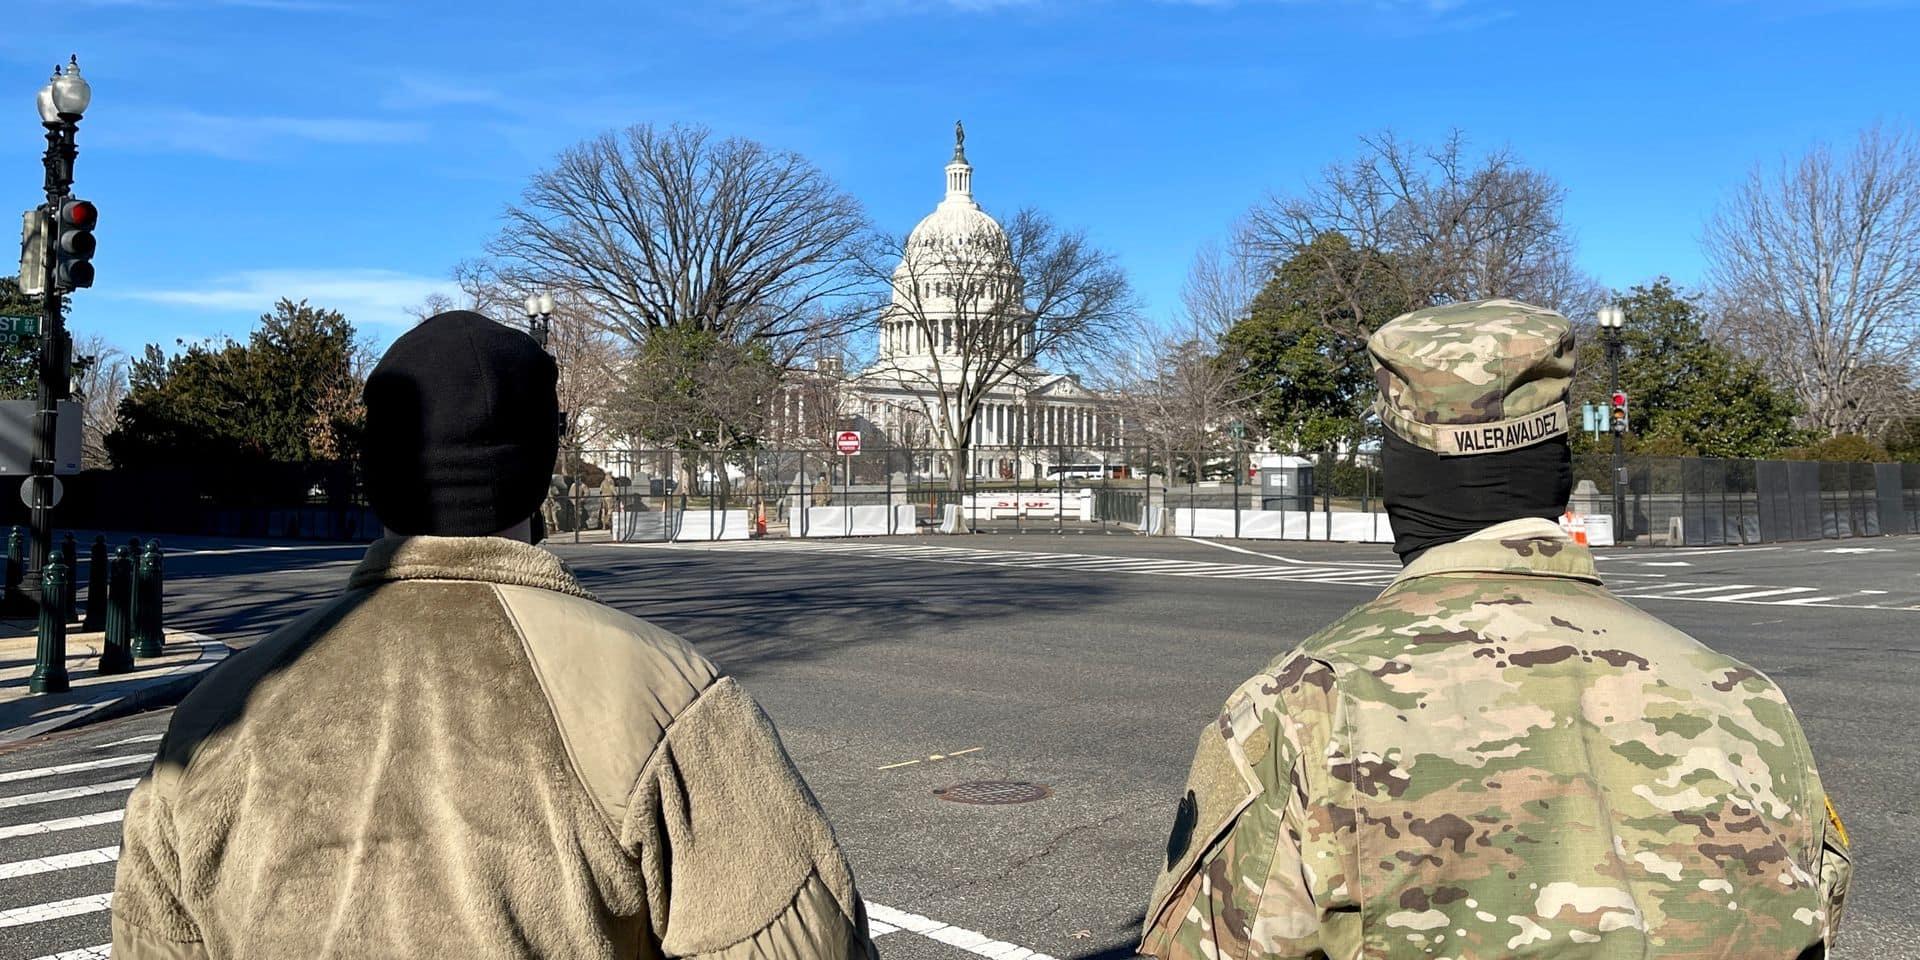 Une voiture contenant armes et bombes artisanales découverte près du Capitole